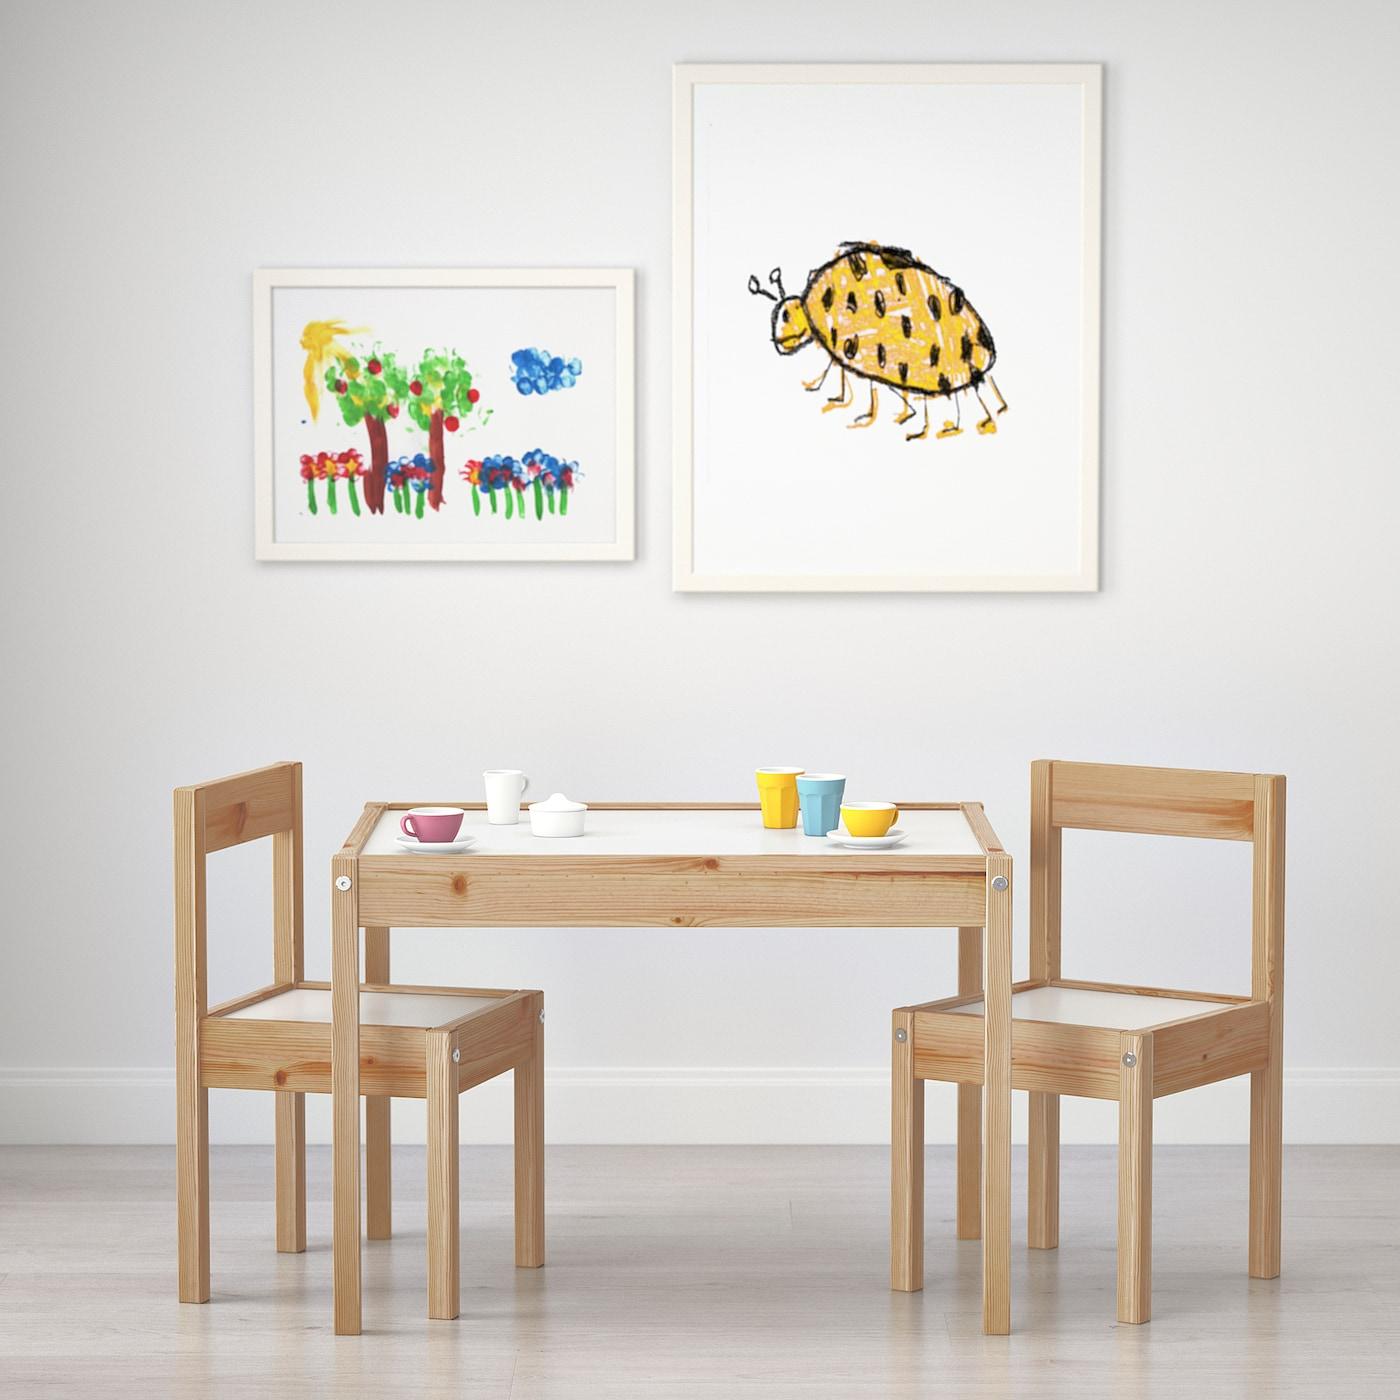 Amici Tavolo per Bambini e 1 Sedia Ikea LATT in Legno con Incisione a Righe Arcobaleno Stampate Ragazze Ragazzi e Famiglia MakeThisMine Set da scrivania per Bambini